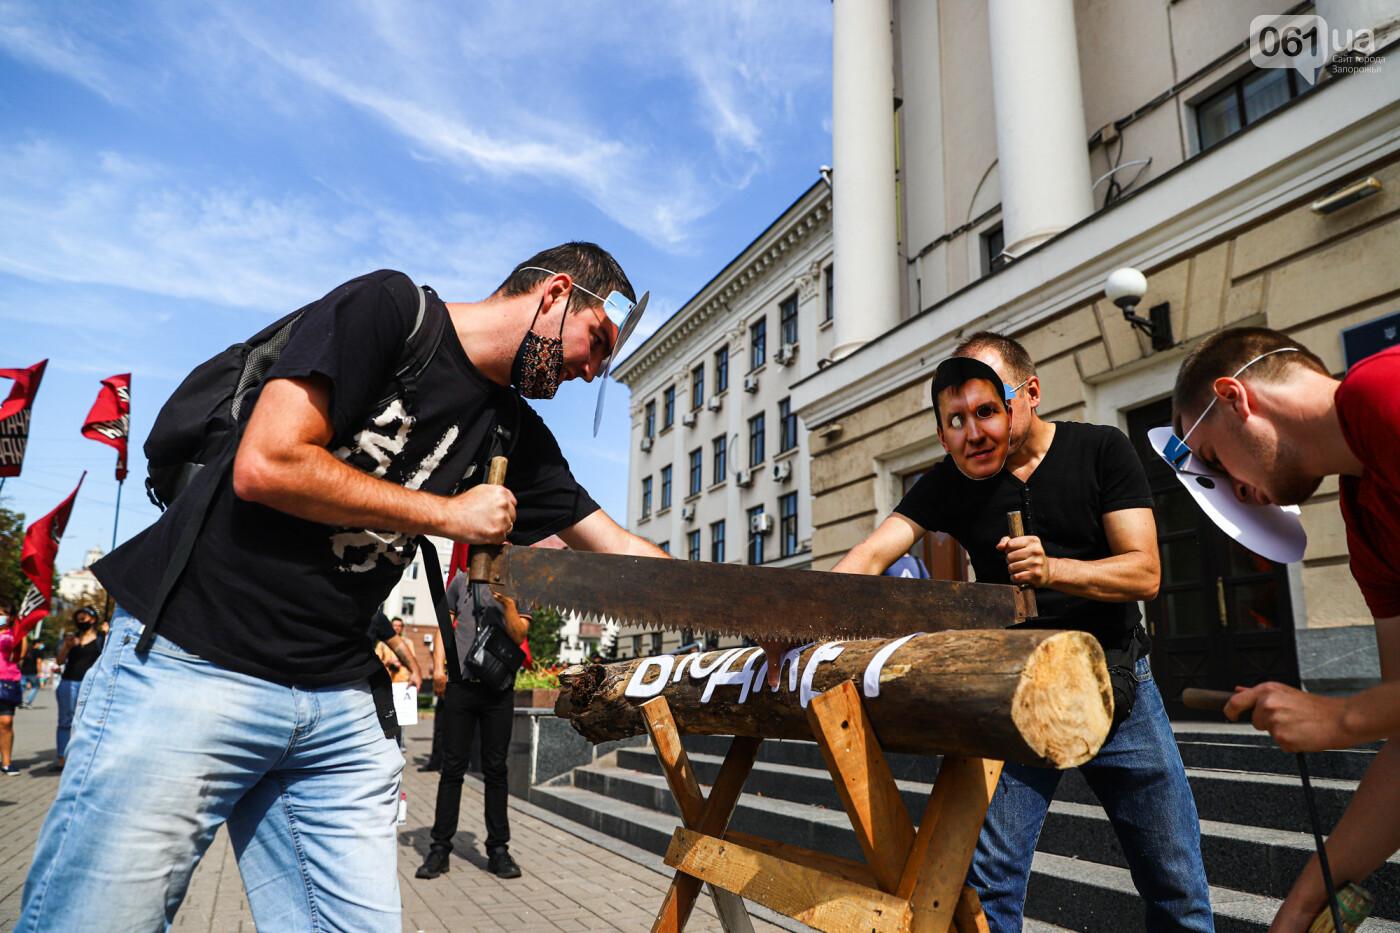 С пилами и в масках: в Запорожье возле мэрии активисты показали, как распиливают городской бюджет, - ФОТОРЕПОРТАЖ, фото-17